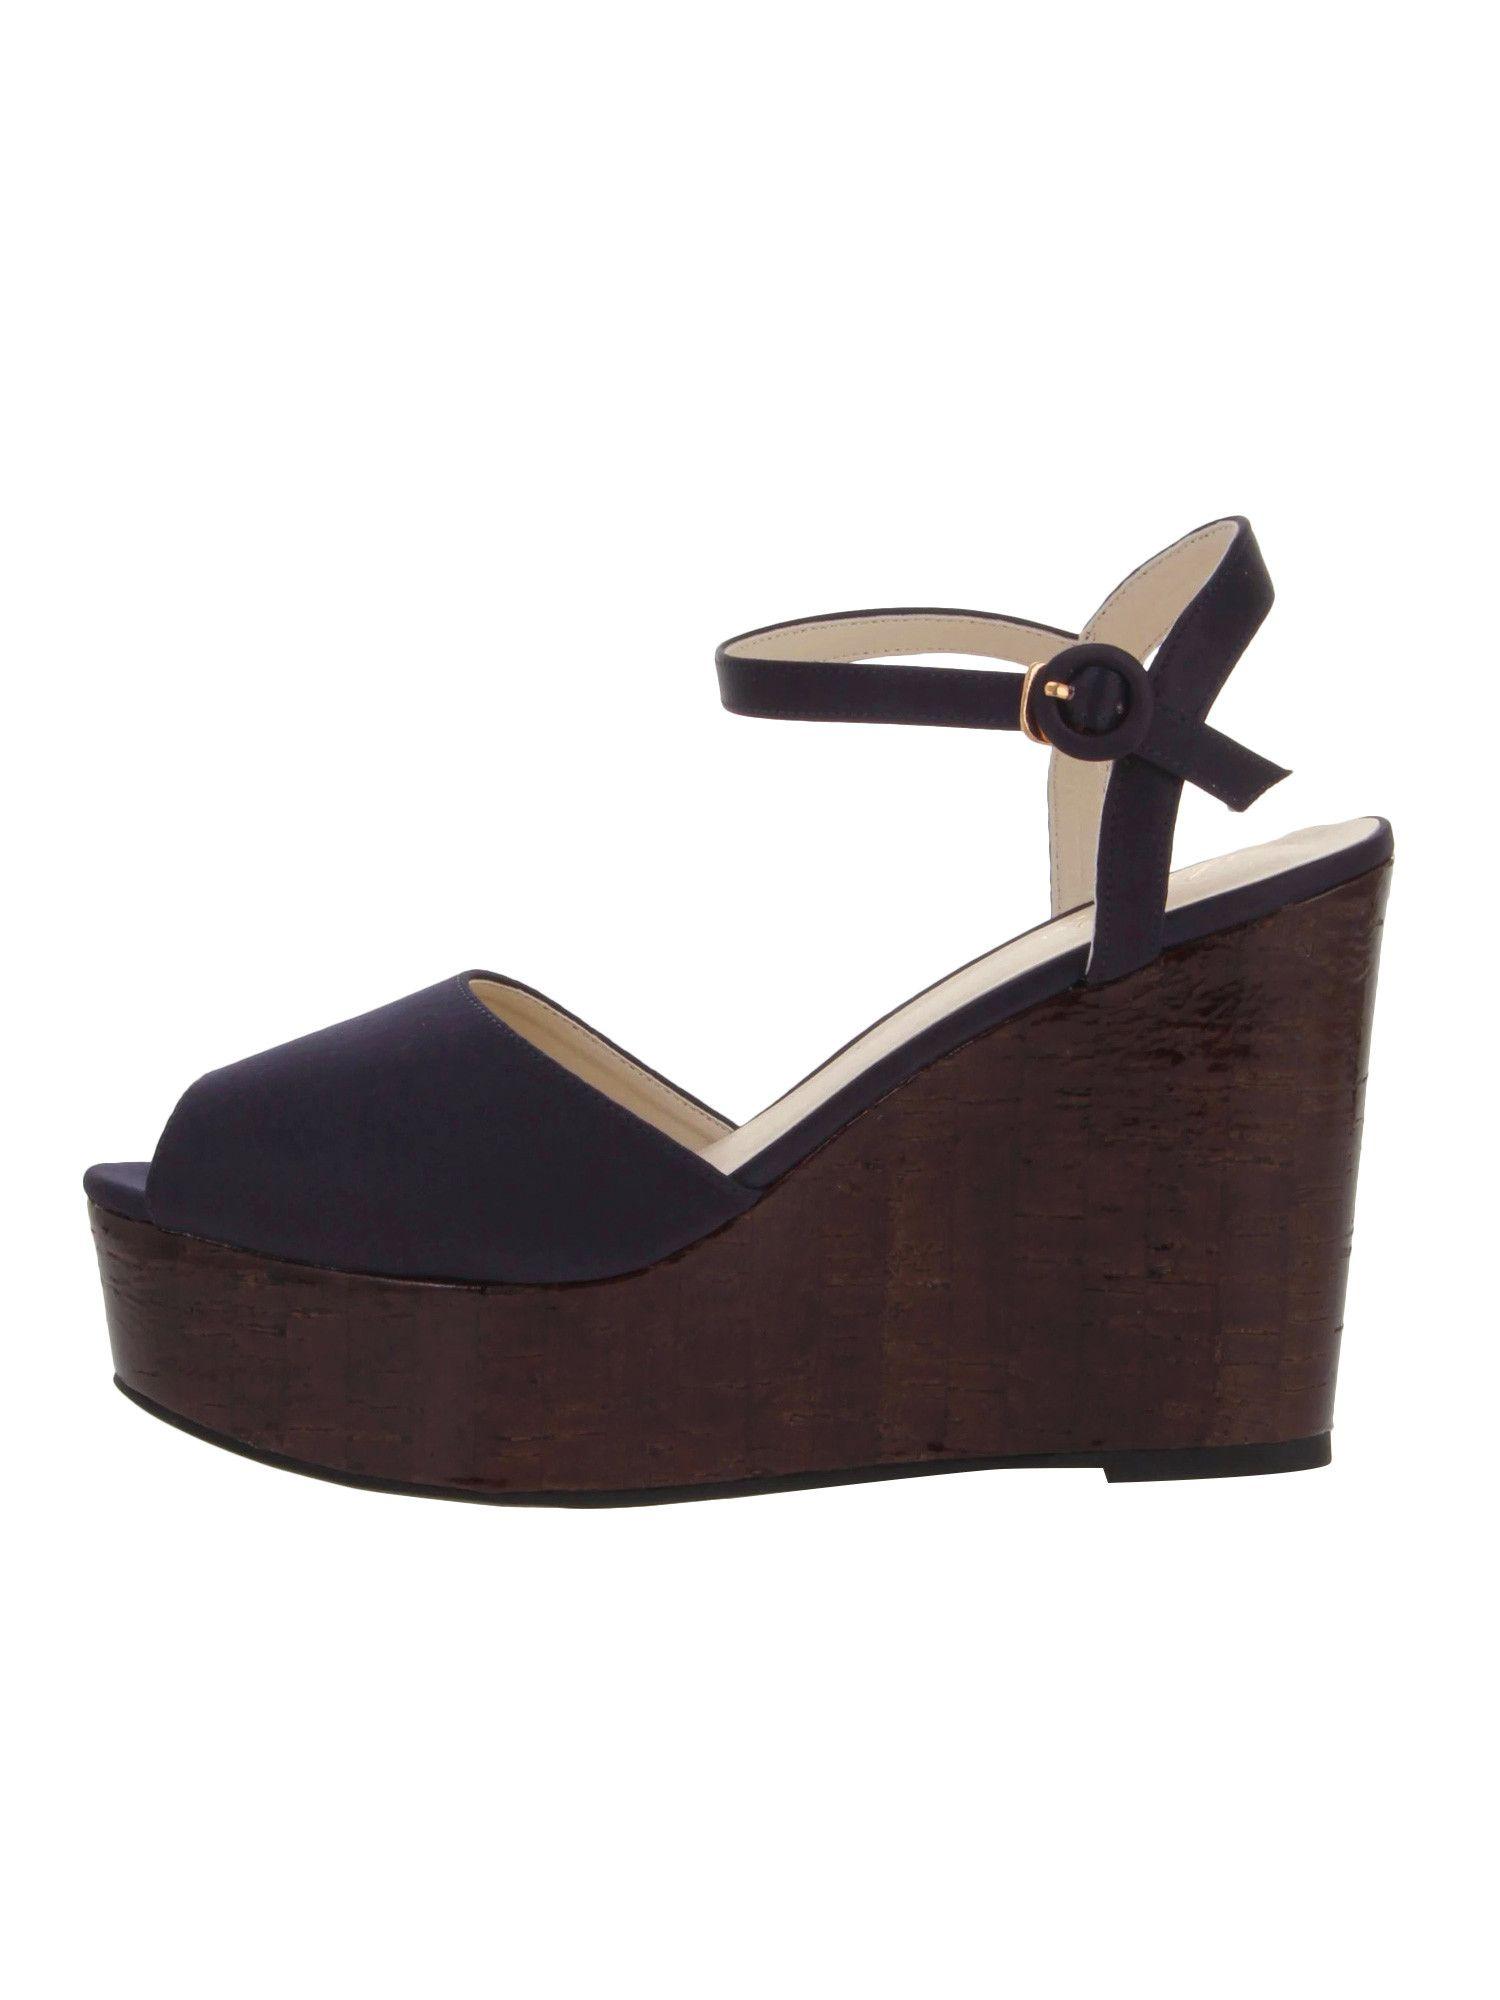 [商品]緞木涼鞋